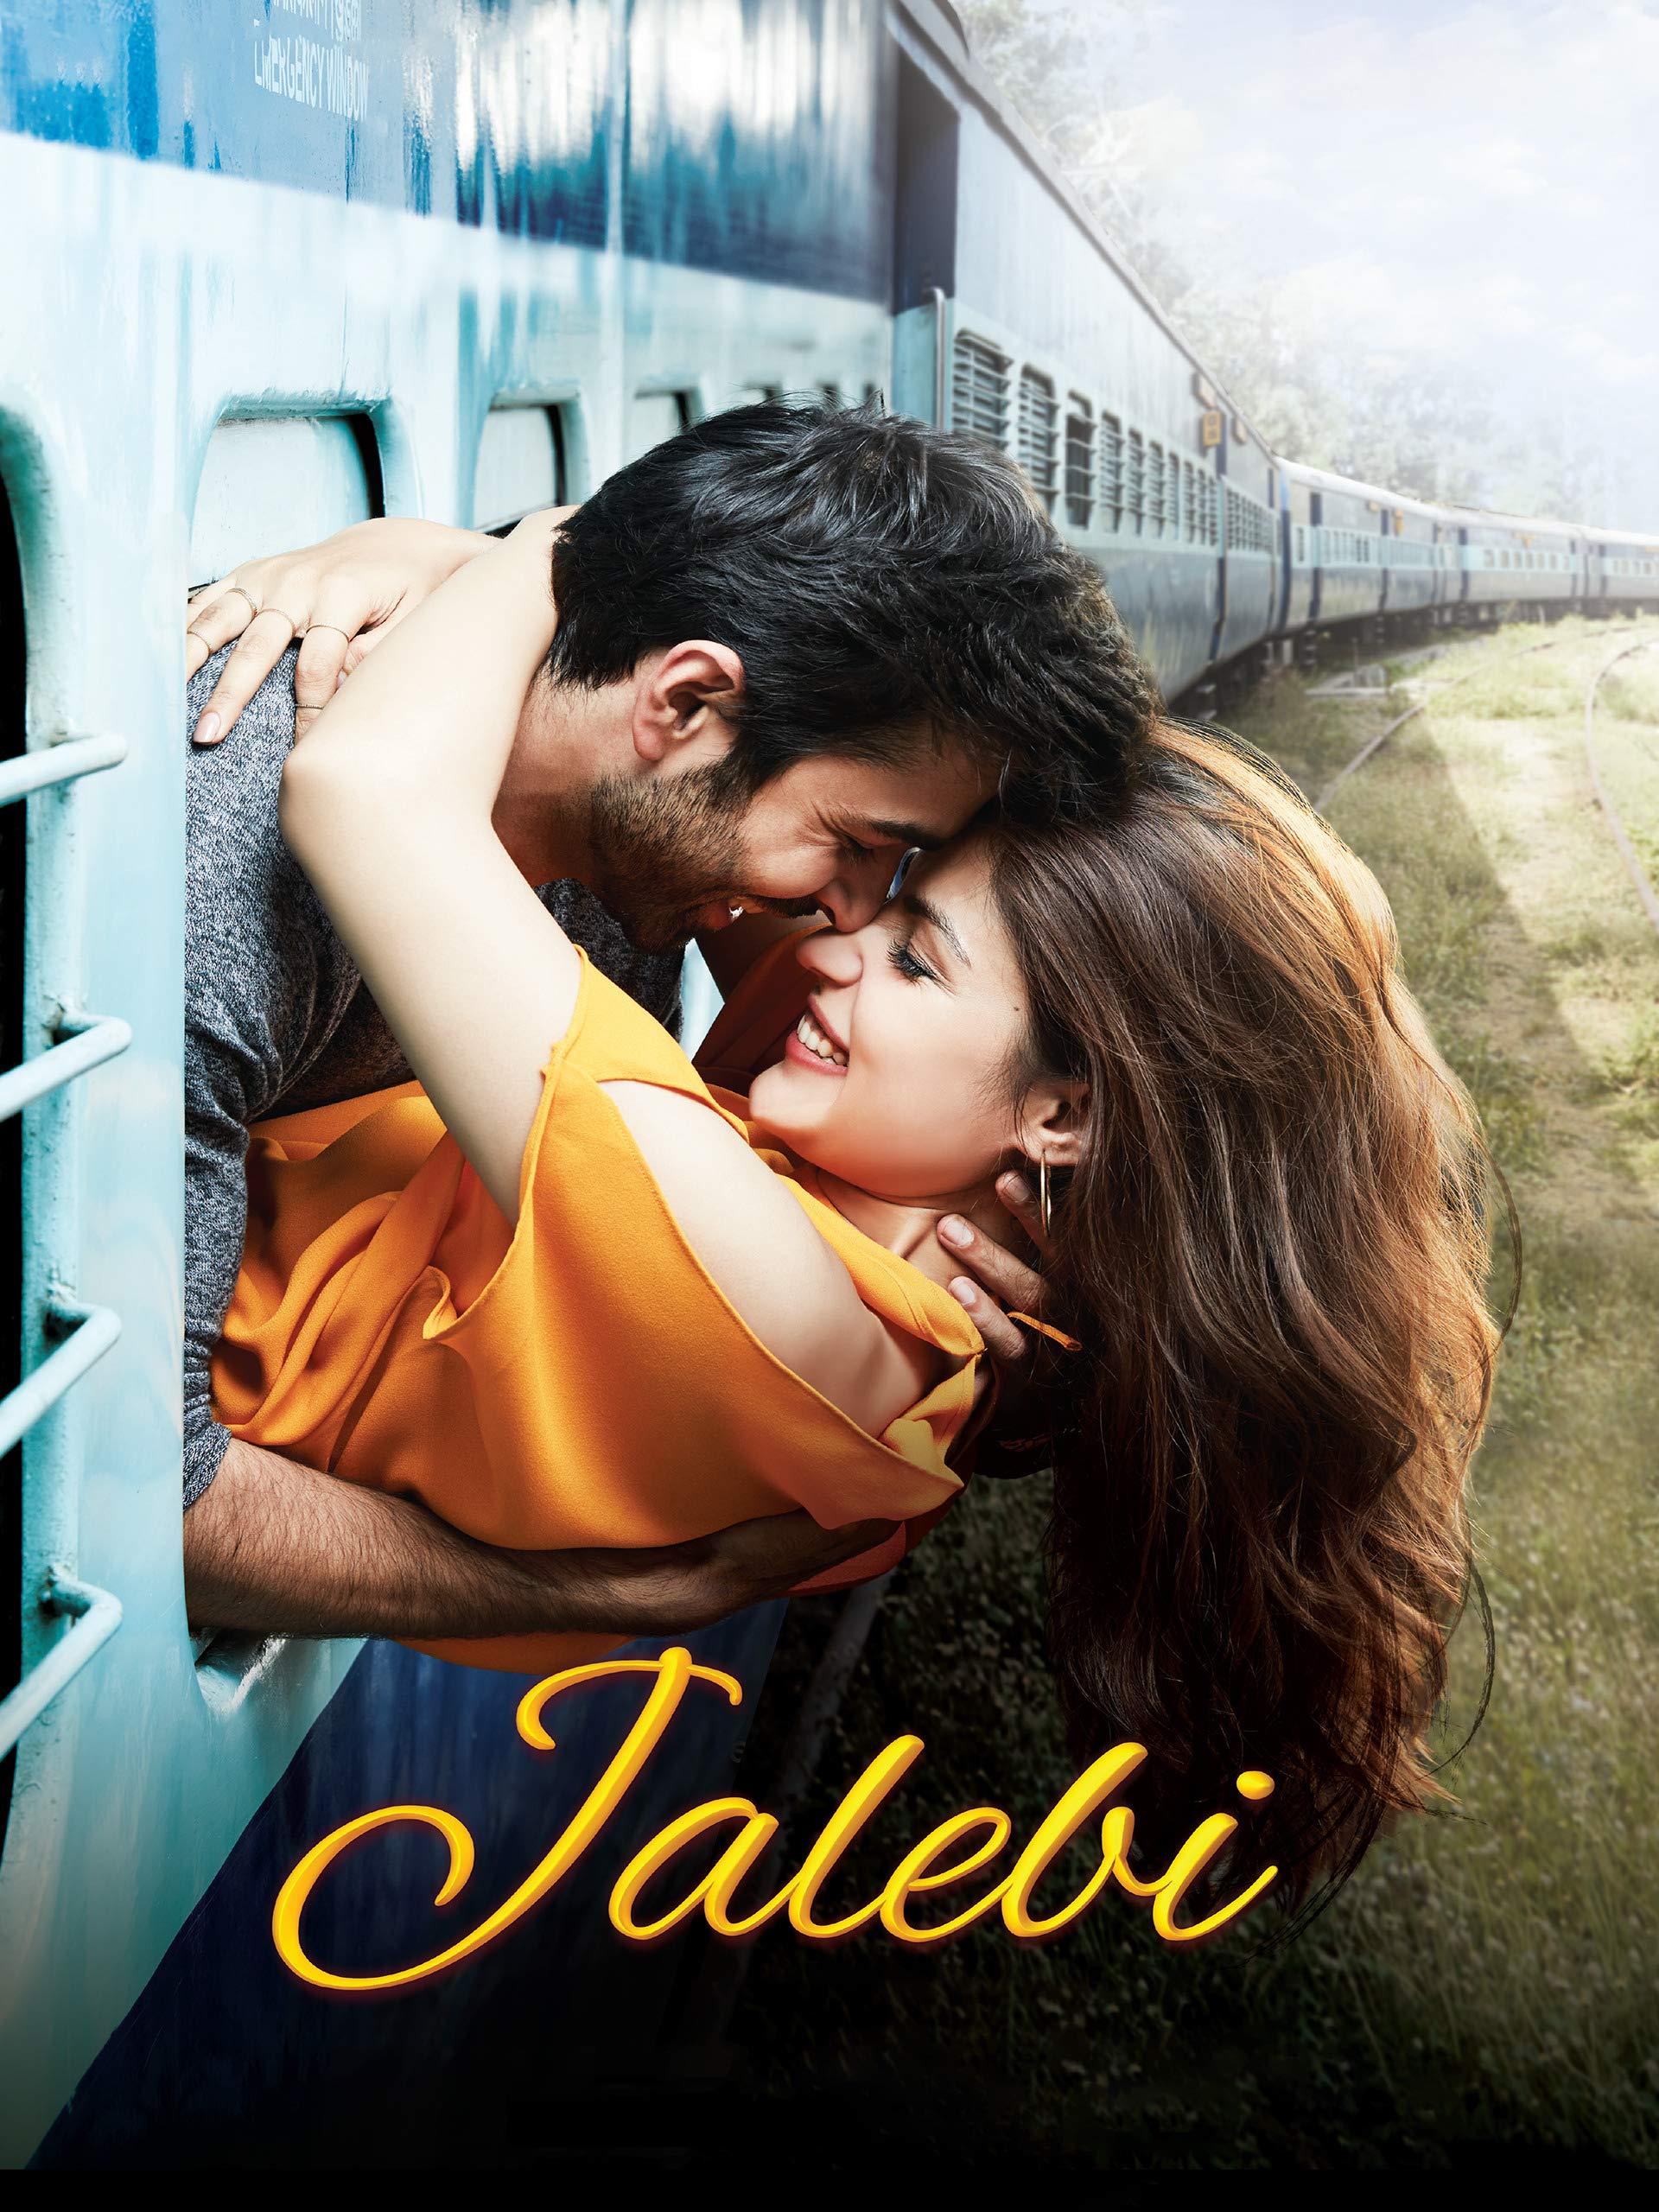 Jalebi - The Taste of Everlasting Love